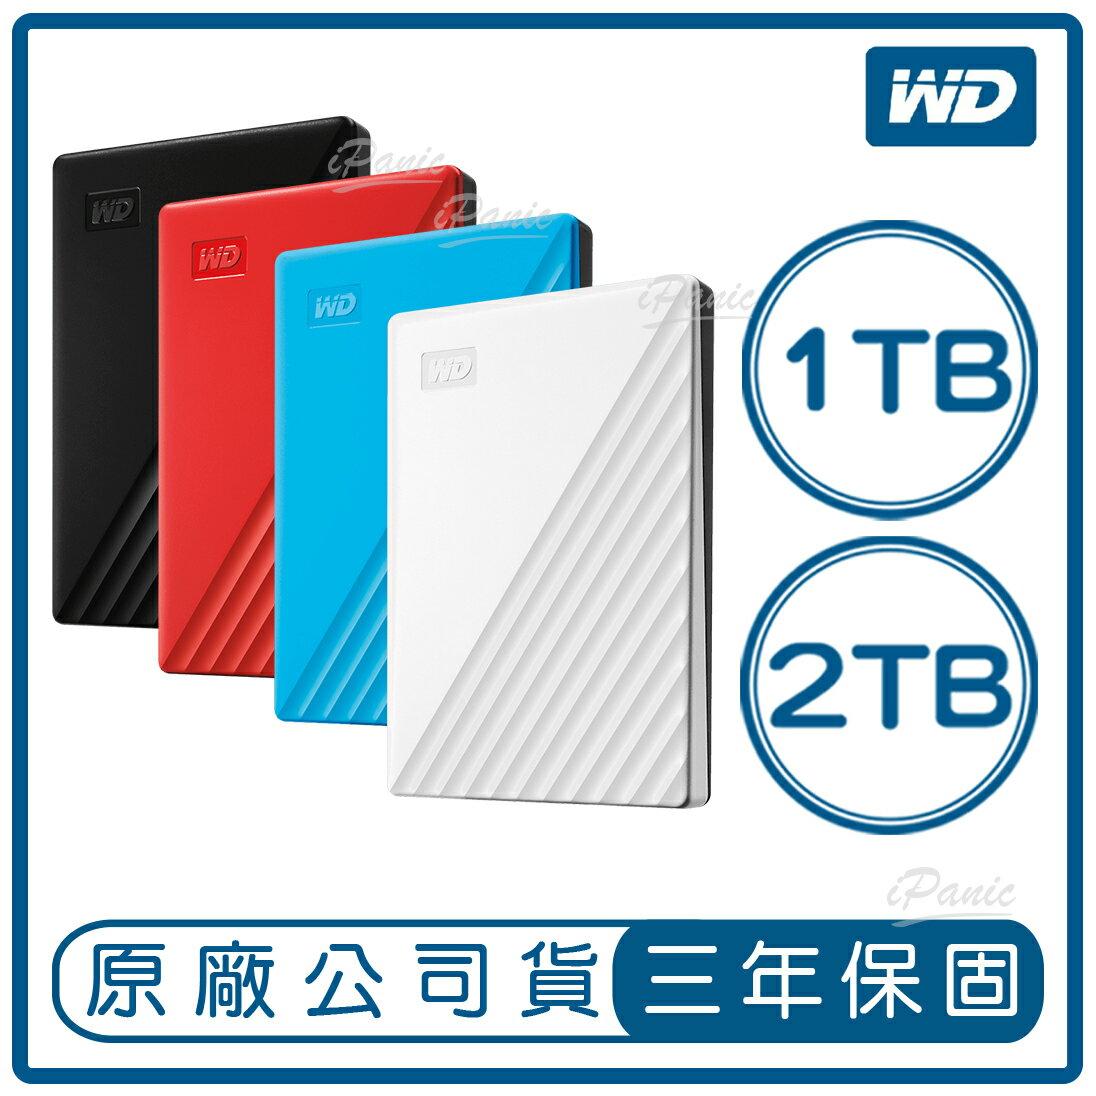 【新款】WD My Passport 1TB 2TB 2.5吋 行動硬碟 隨身硬碟 外接式硬碟 原廠公司貨 原廠保固 自動備份 2T 1T